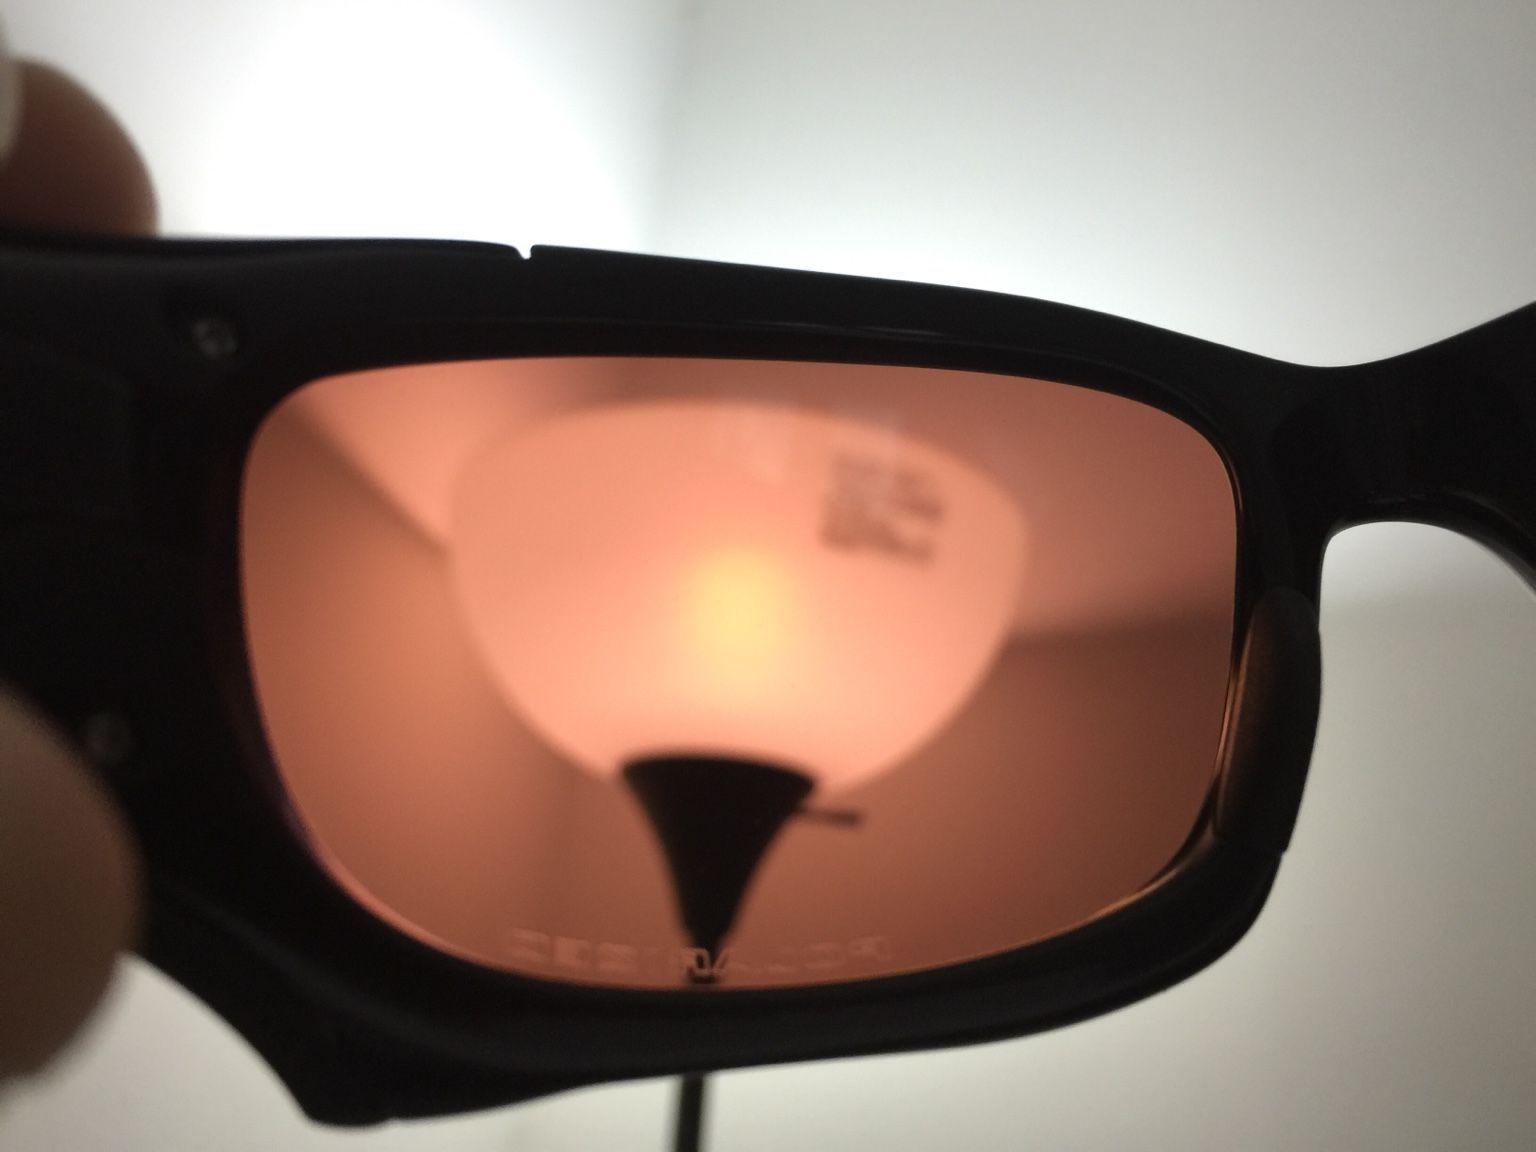 ***GONE*** Polished black PBII with extra lenses - 8f7deeddc22b2a06b15b0a675bbd1802.jpg